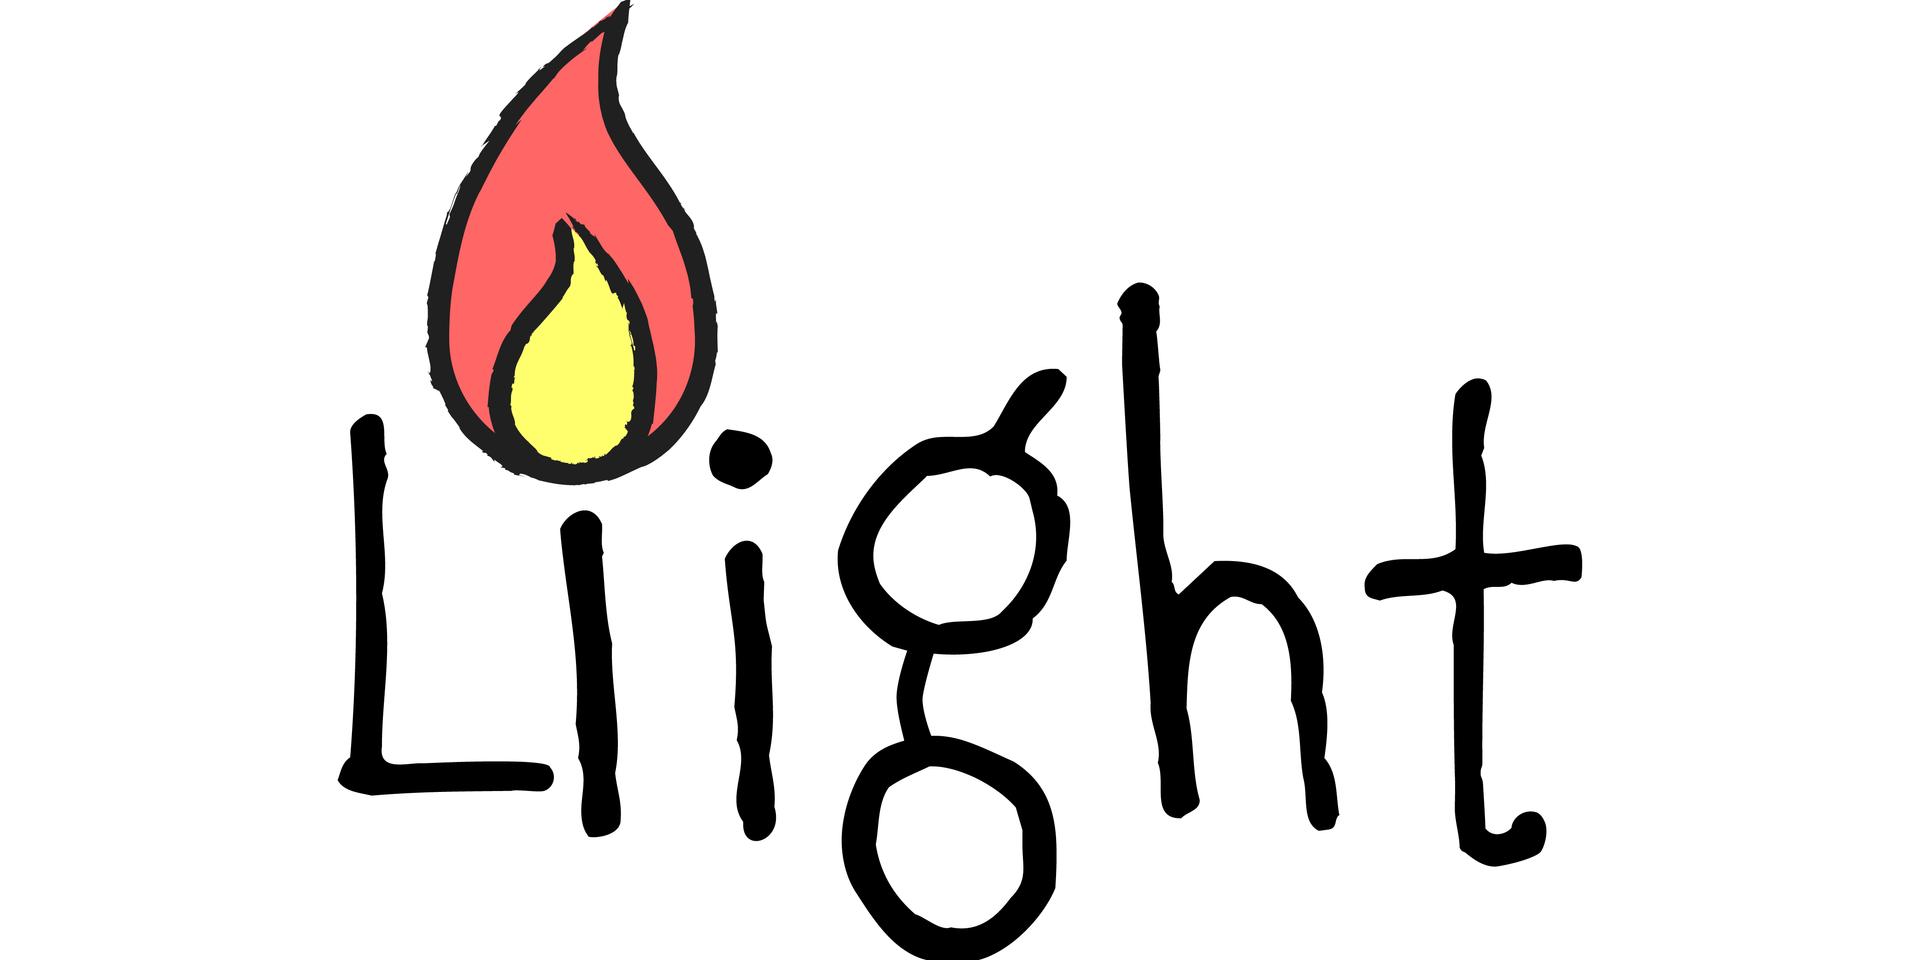 liight logo